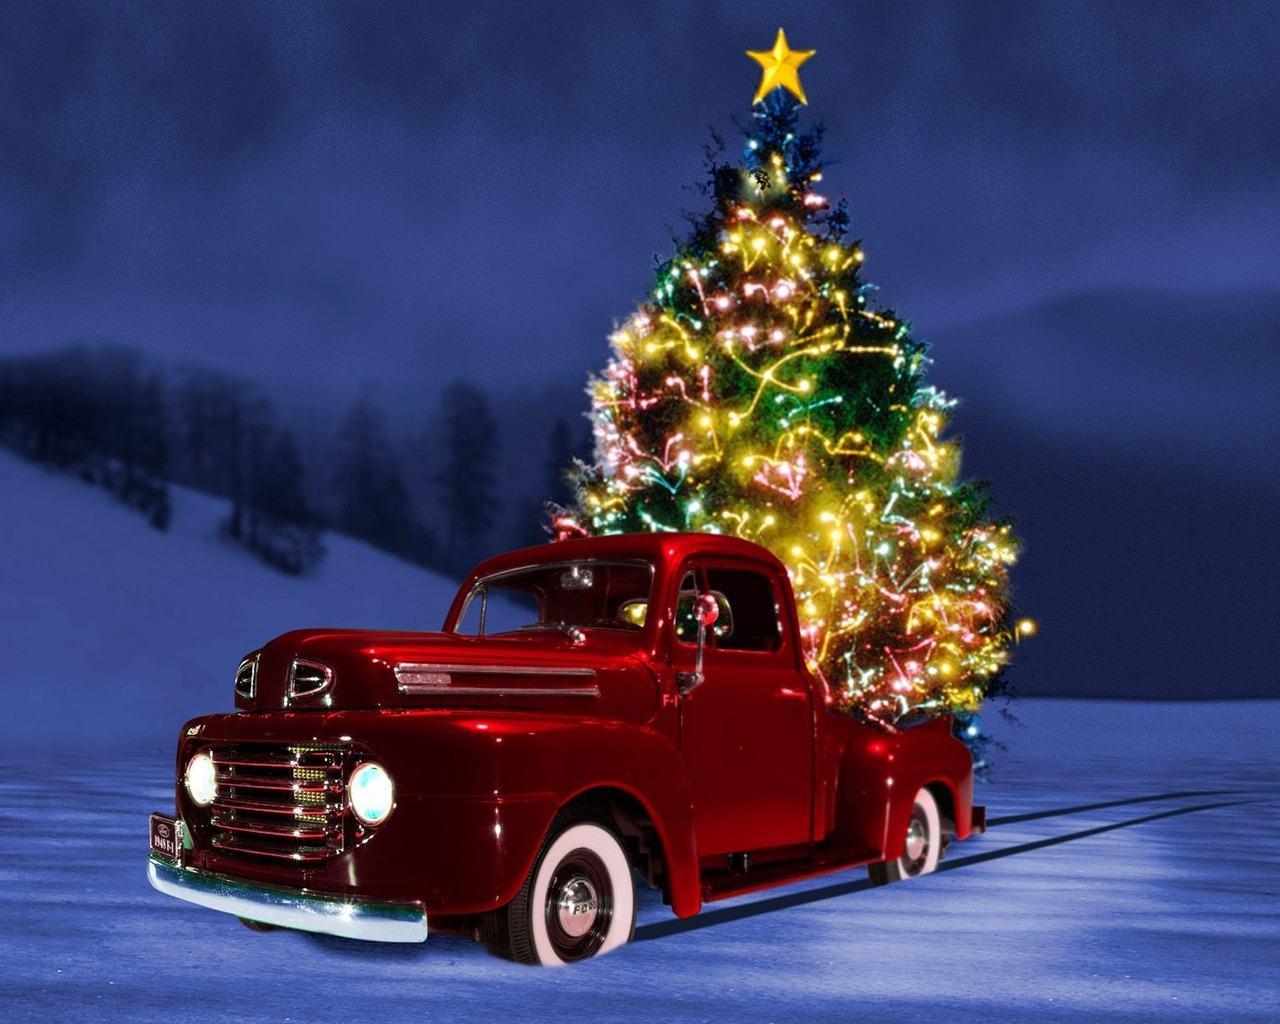 77] Funny Christmas Wallpaper on WallpaperSafari 1280x1024